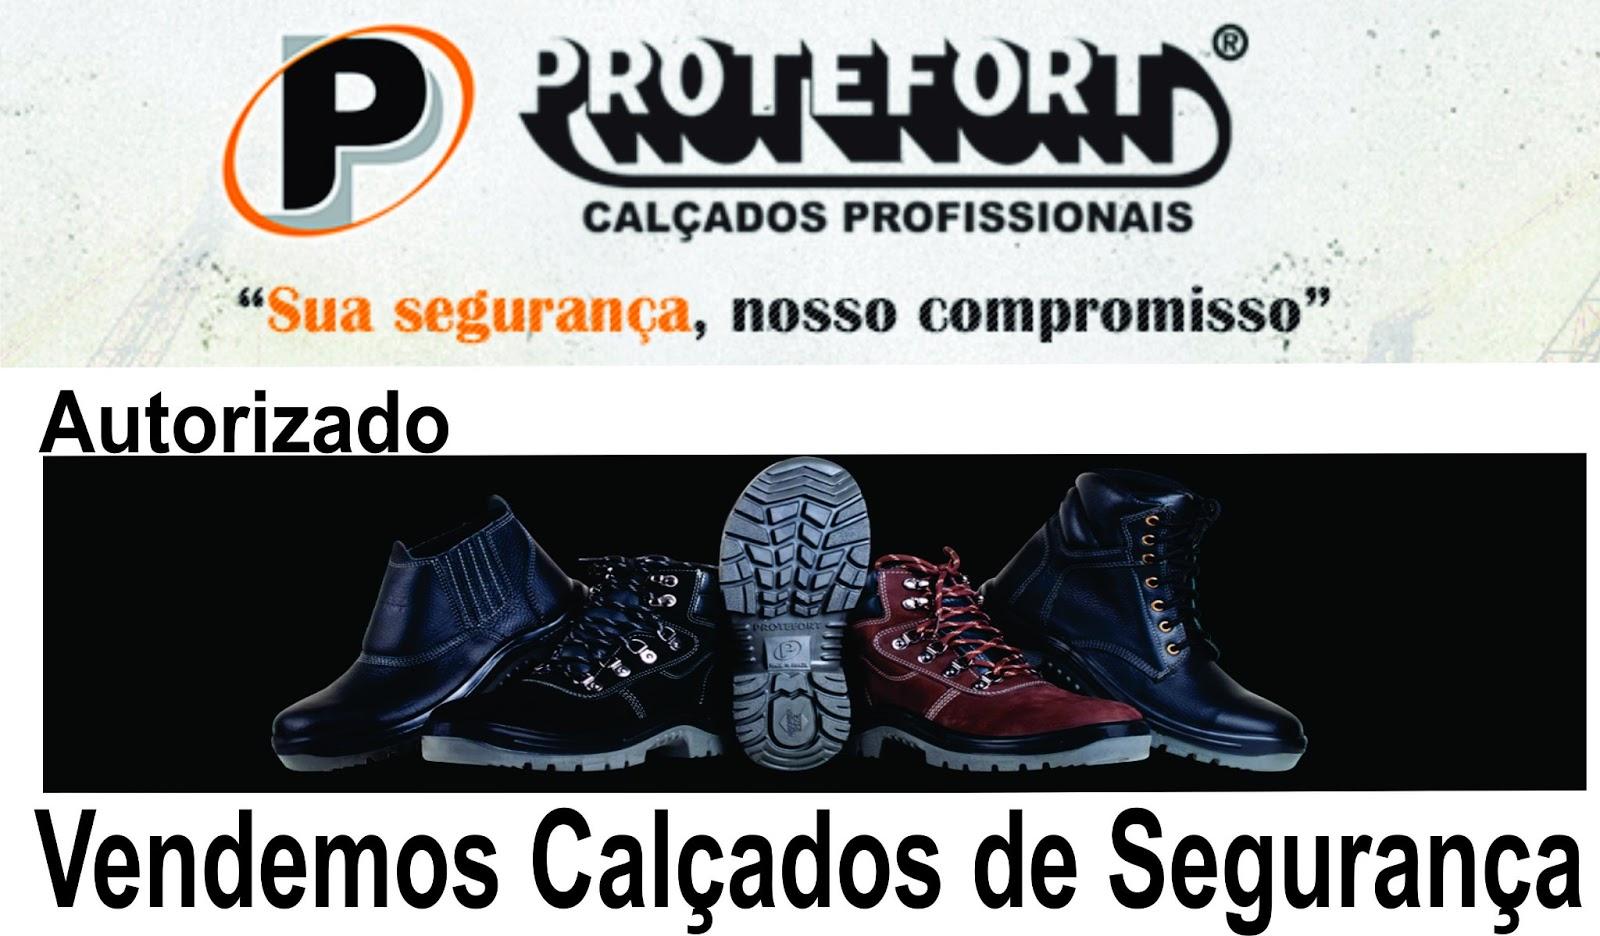 Urbana Camisetas  Calçados de Segurança em Brasilia a7bdbd4b17